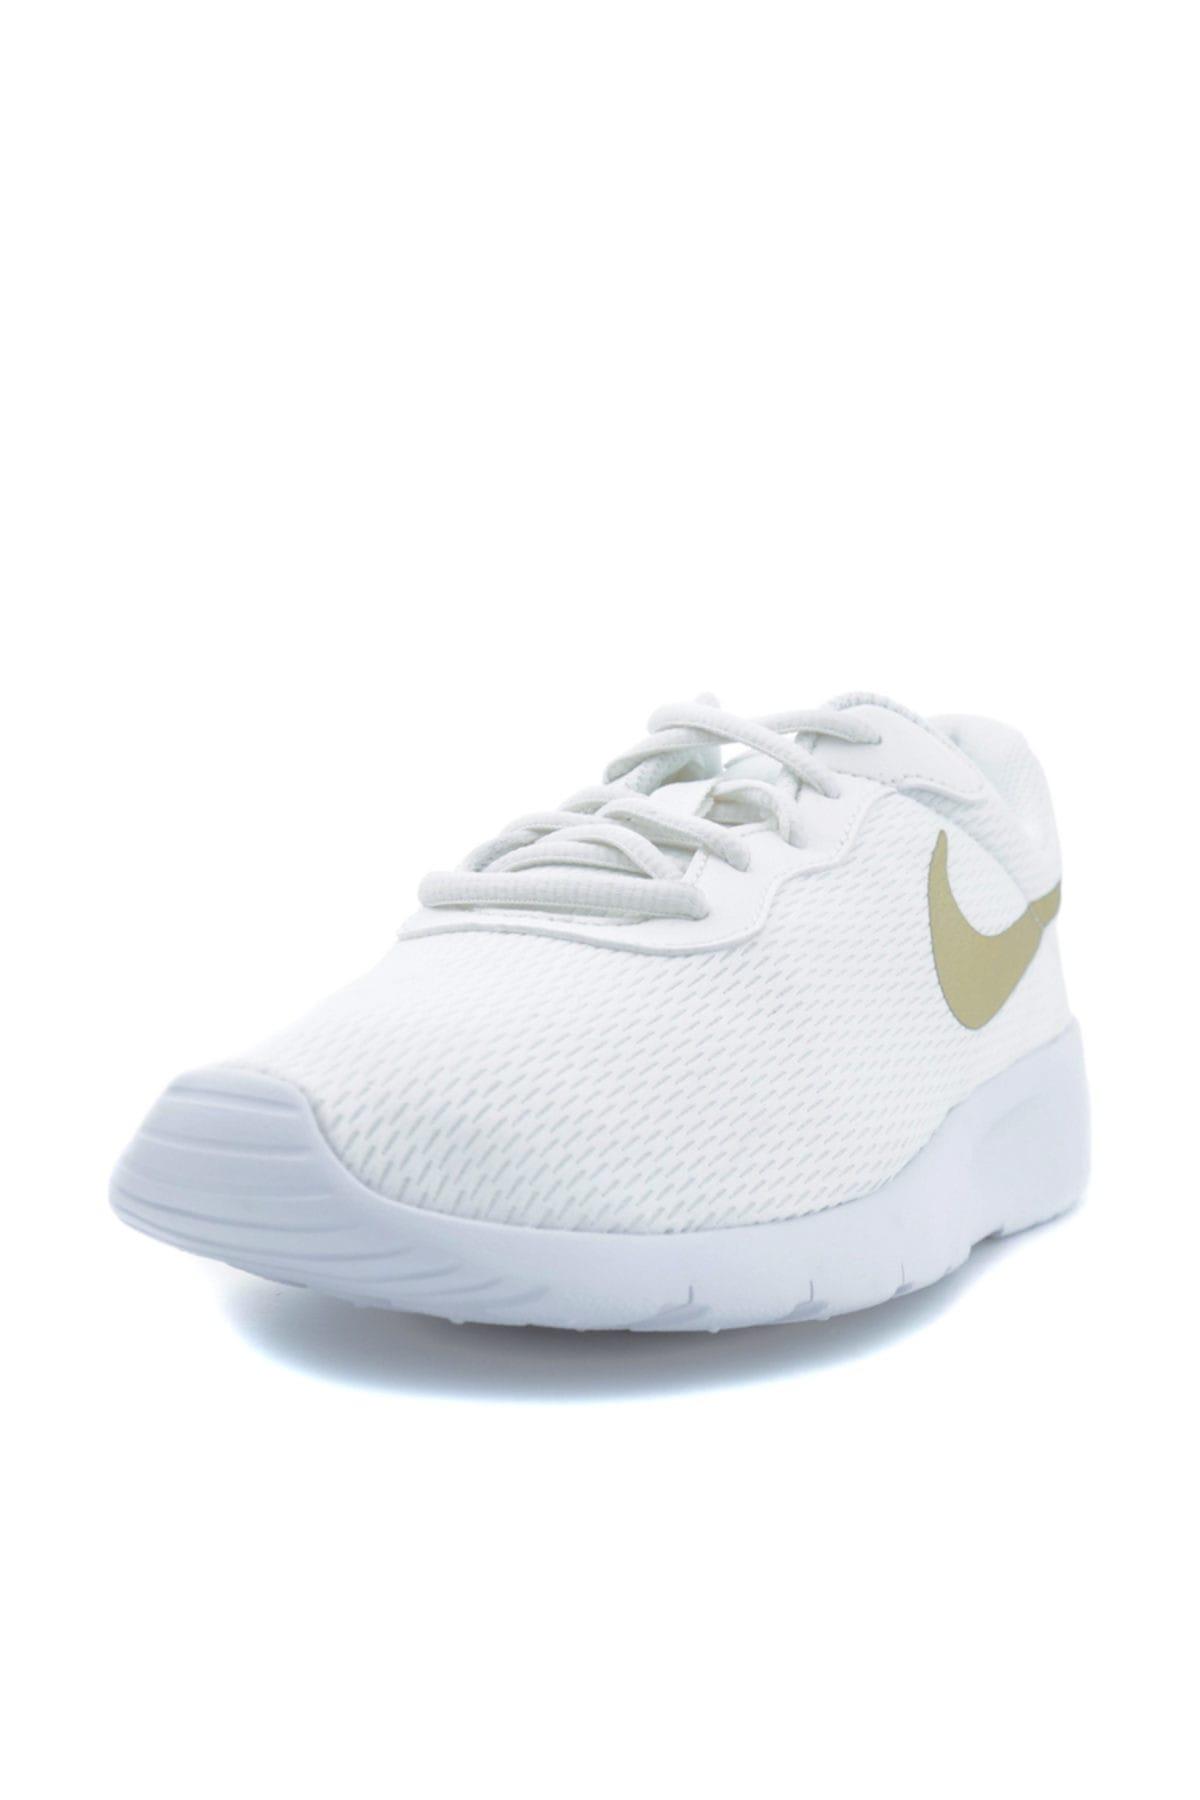 Nike Kids Nike 818381-100 TANJUN Kadın Beyaz Günlük Ayakkabı 2